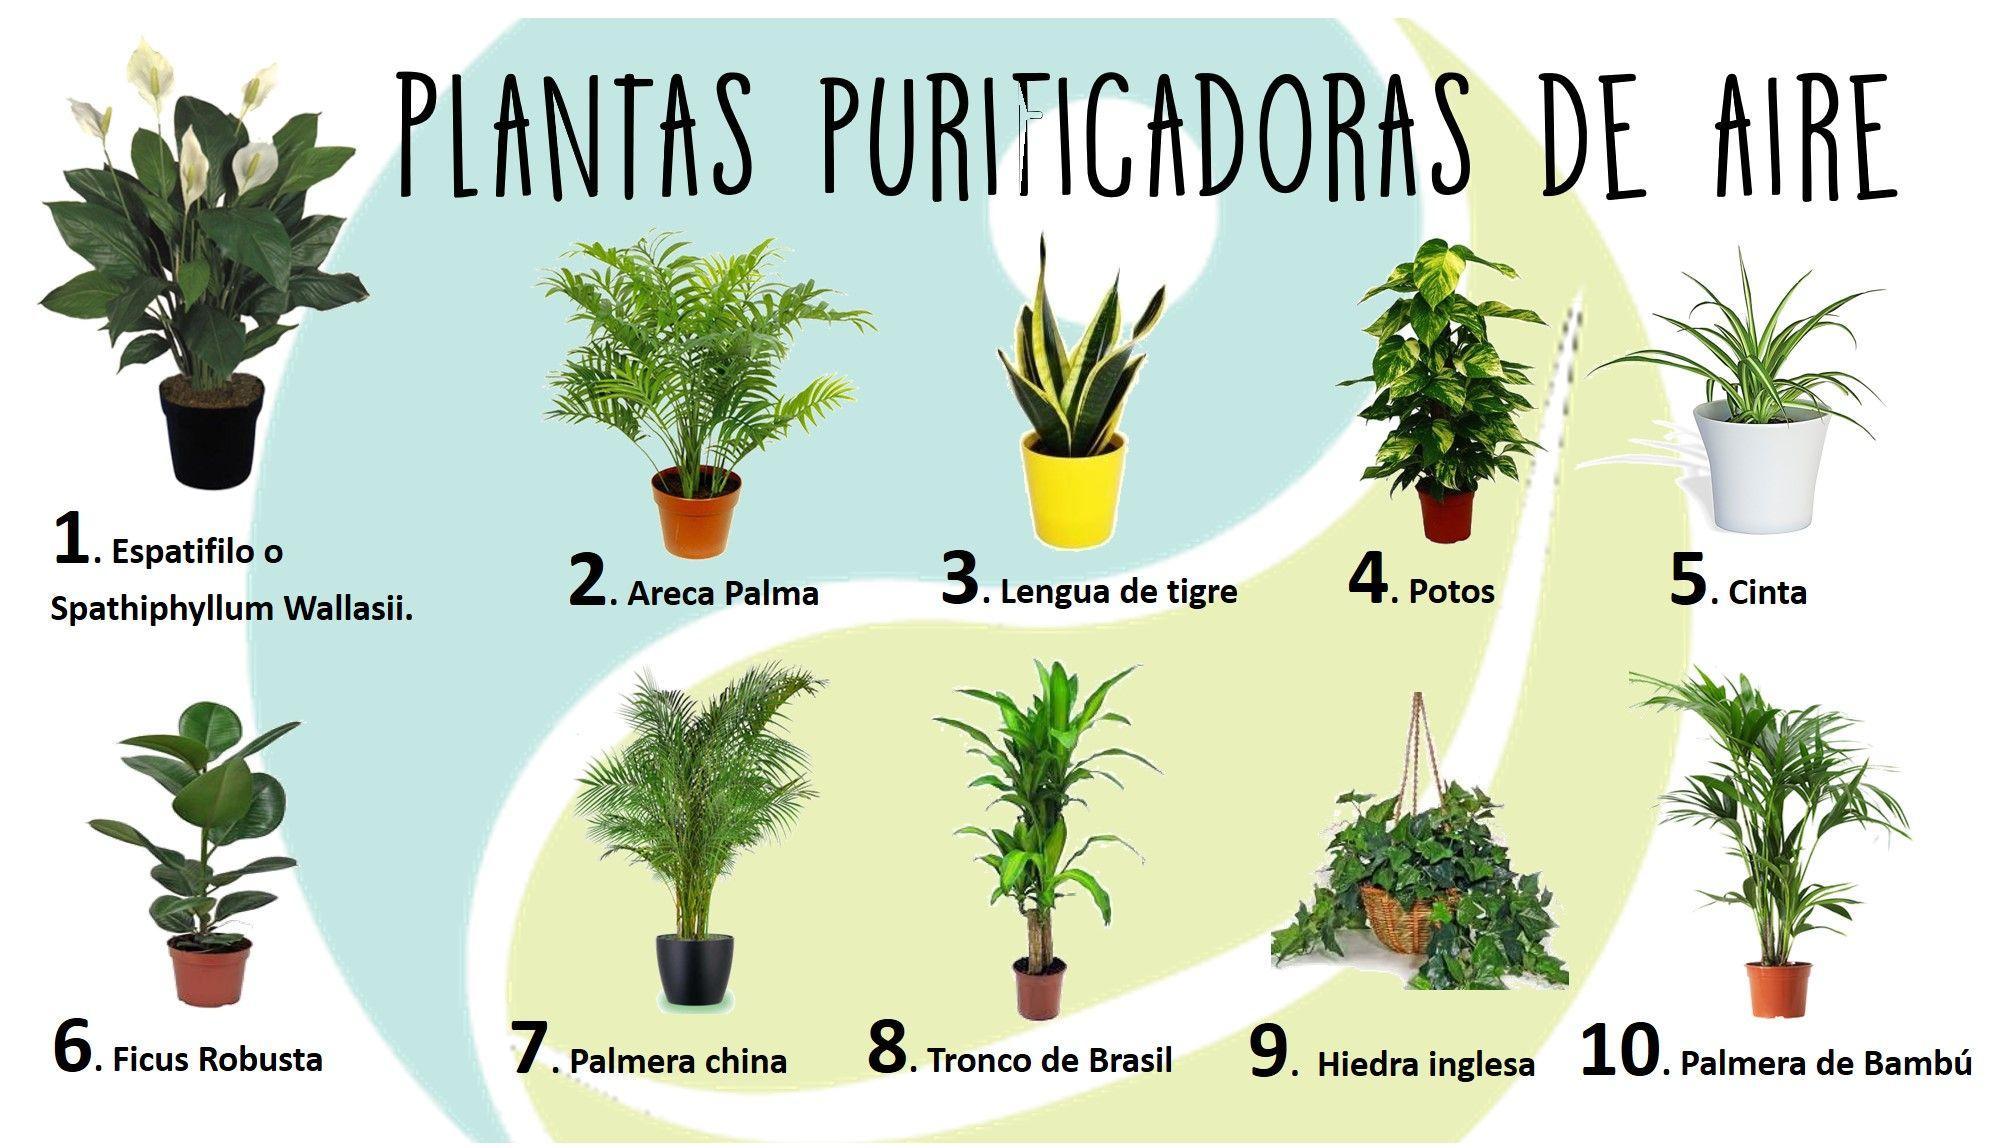 Plantas purificadoras de aire blog de ifeel maps a for Plantas de aire